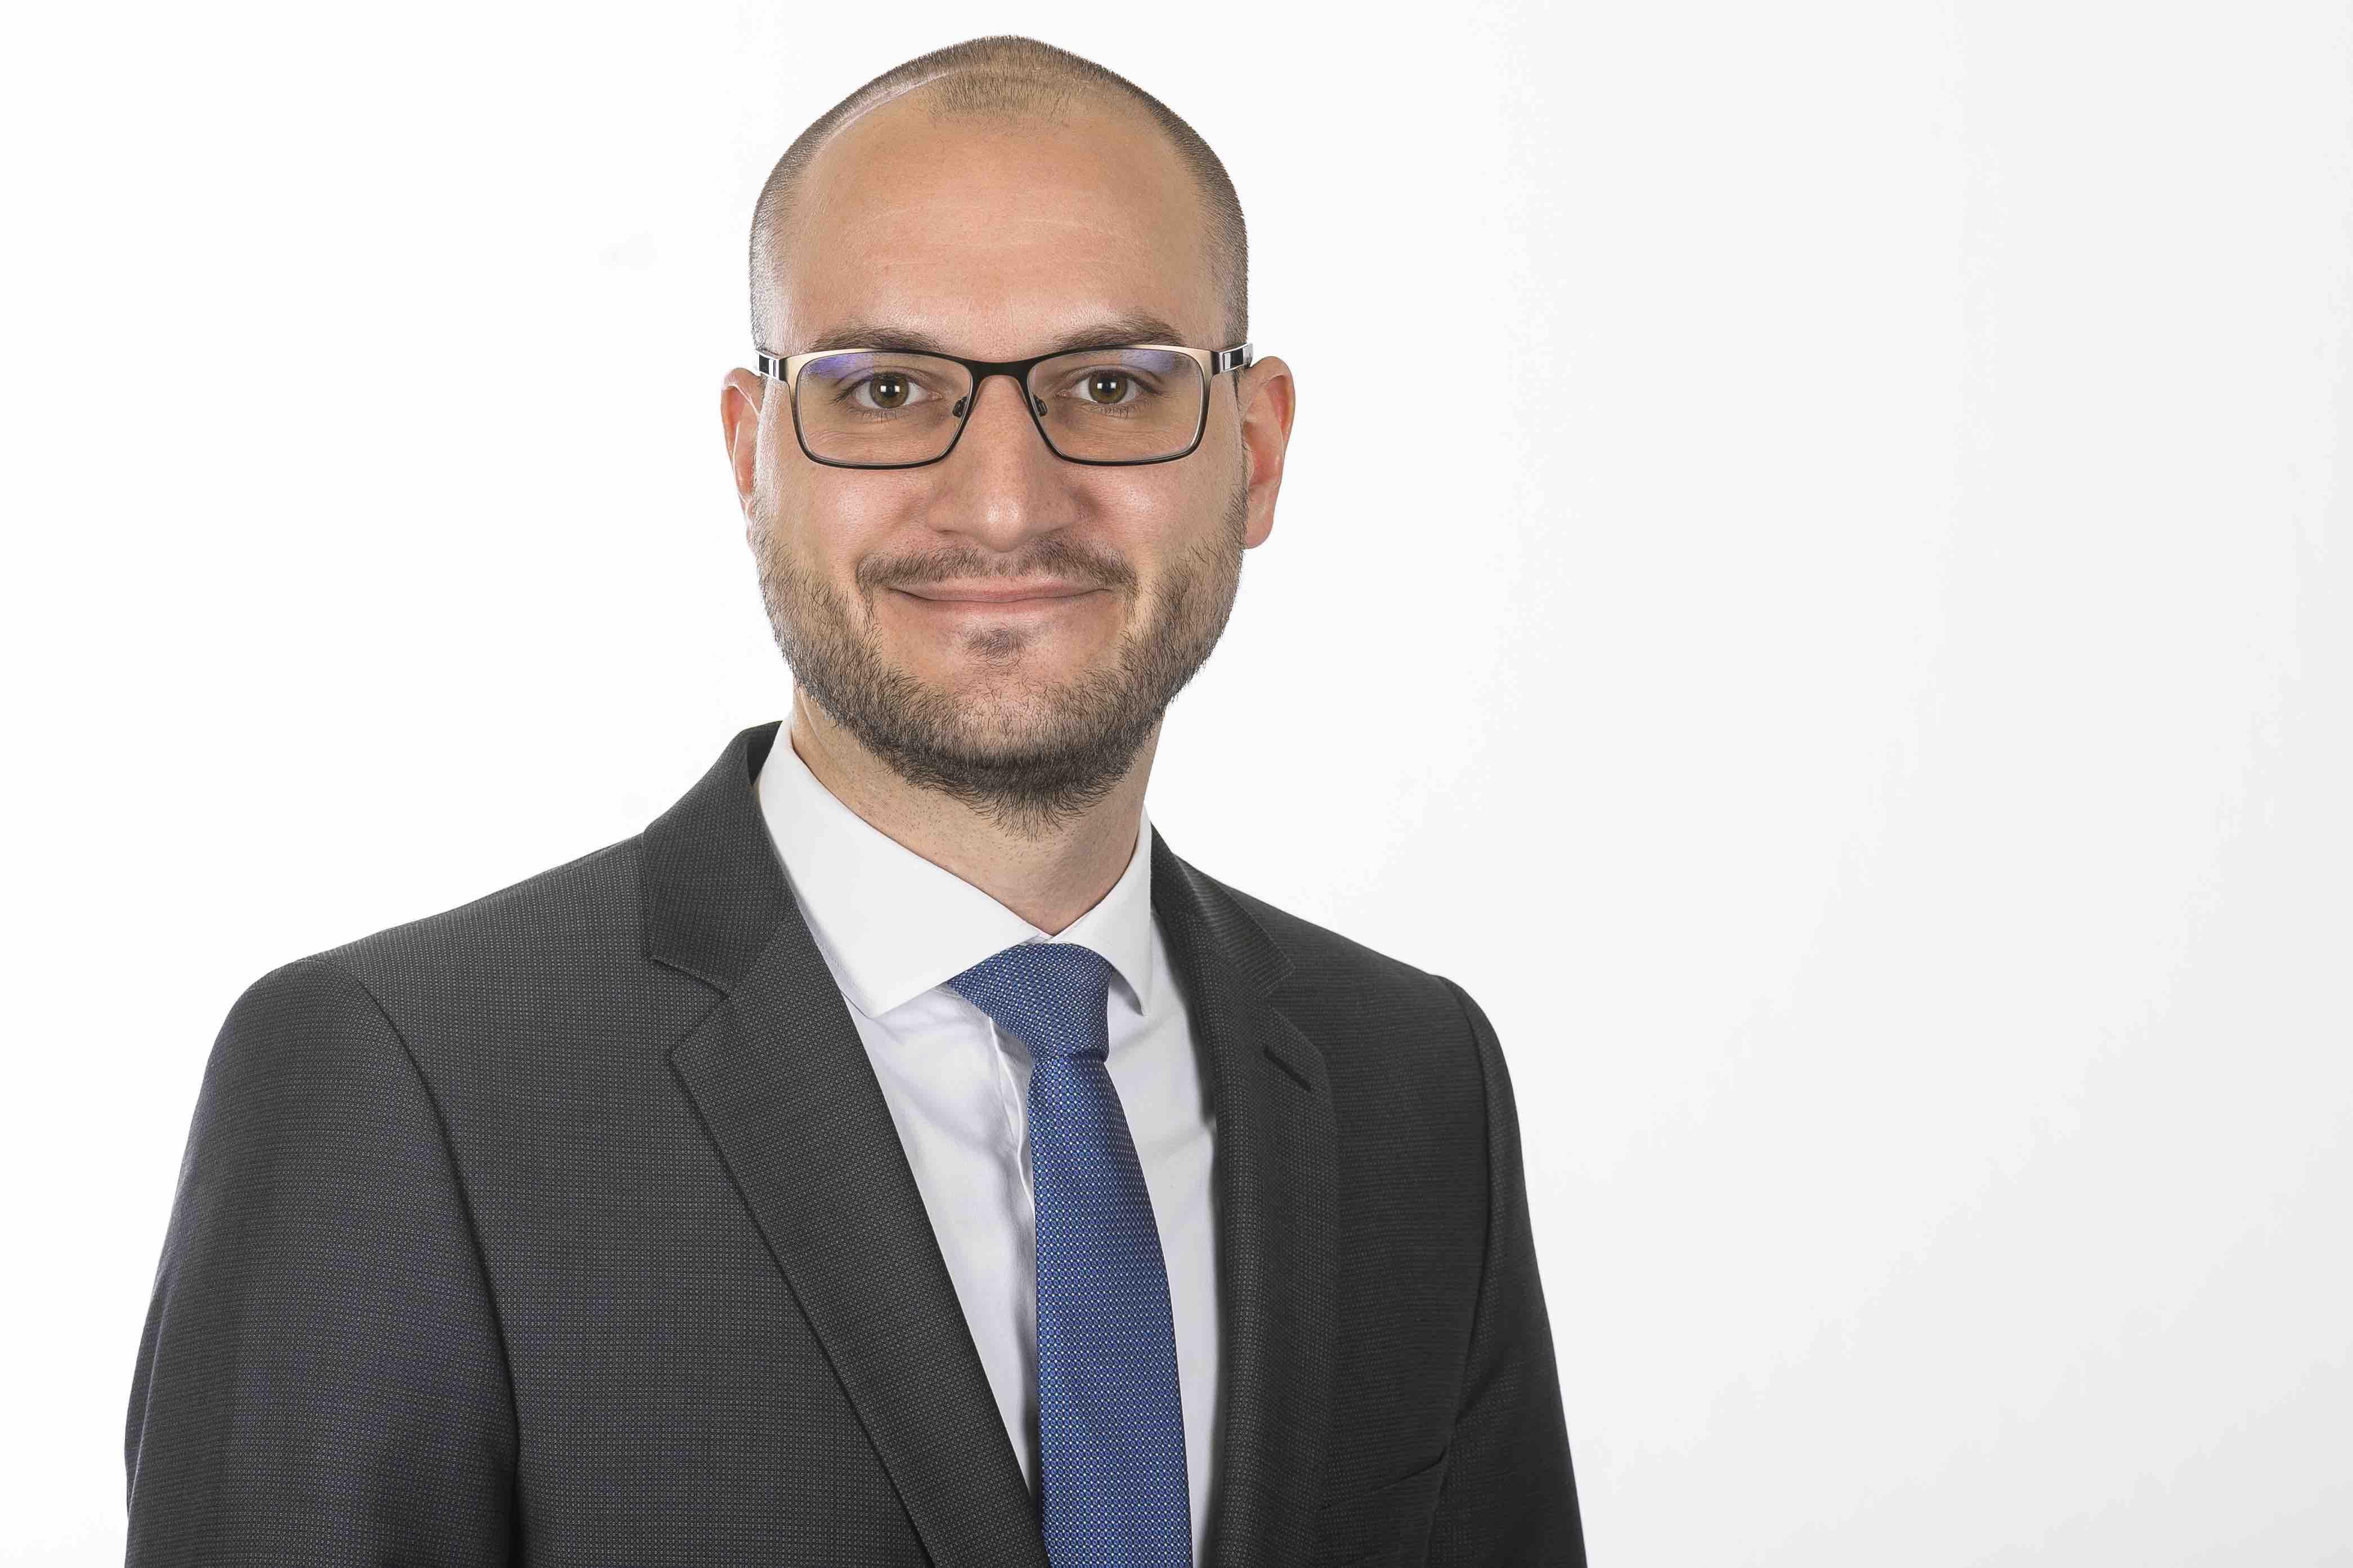 Gastautor Janosch Neumann erklärt die rechtlichen Anforderungen an die Kreisumlage.